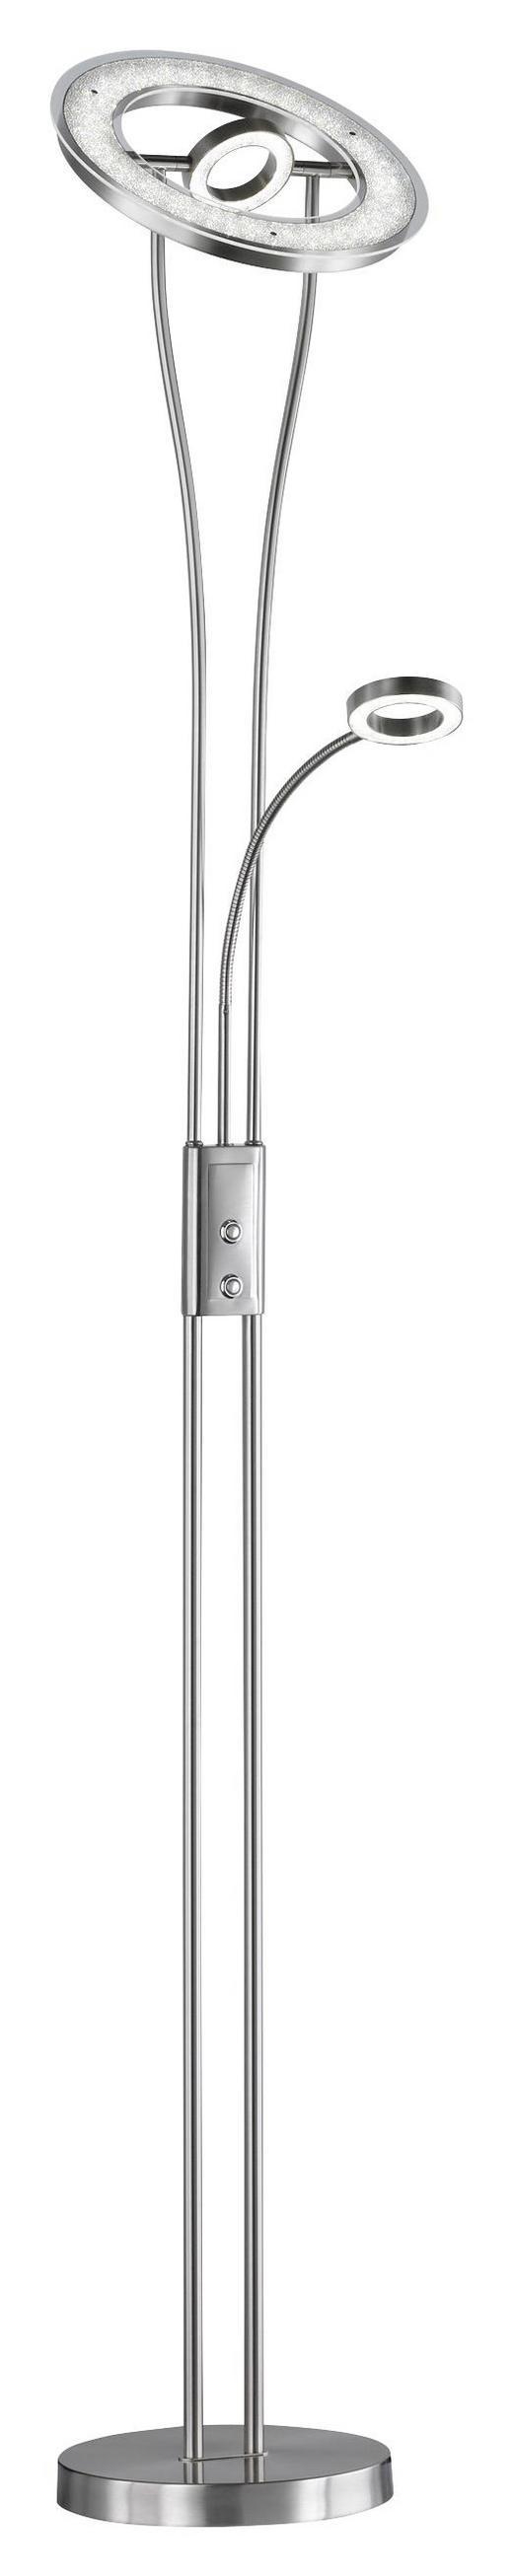 LED-STEHLEUCHTE - Platinfarben/Chromfarben, Design, Kunststoff/Metall (25/180/25cm)